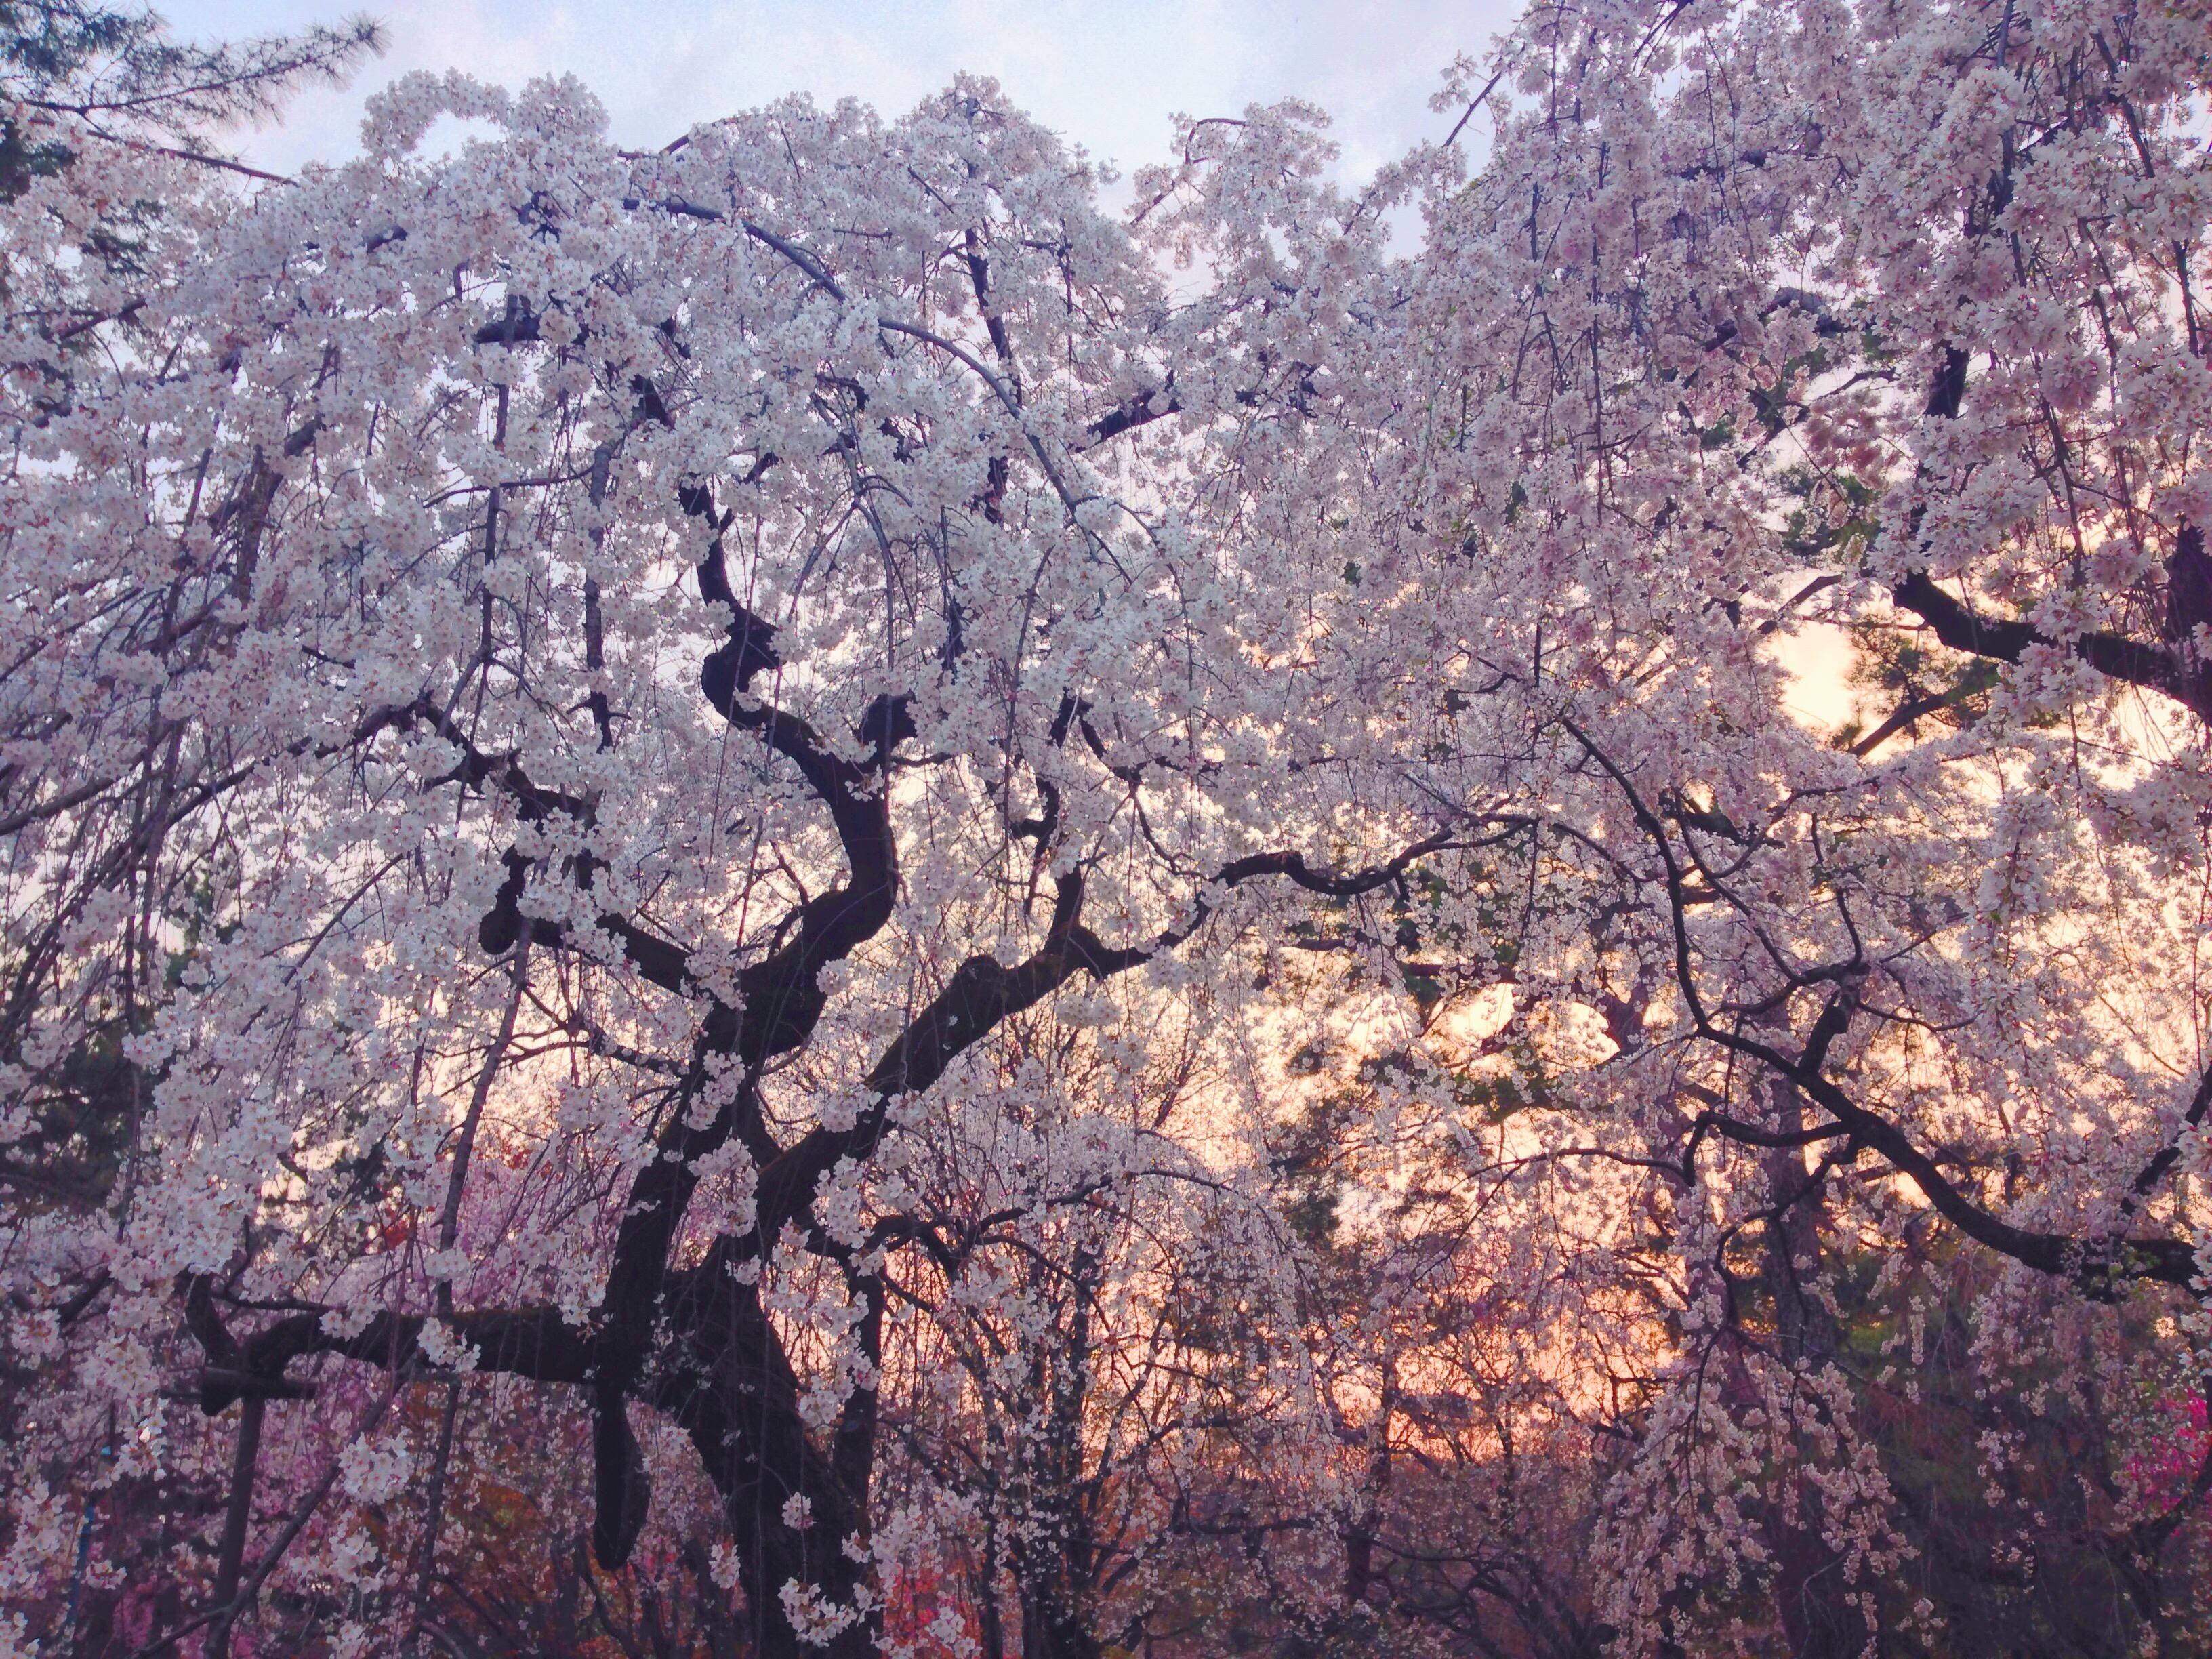 Ciliegi in fiore al tramonto in Giappone